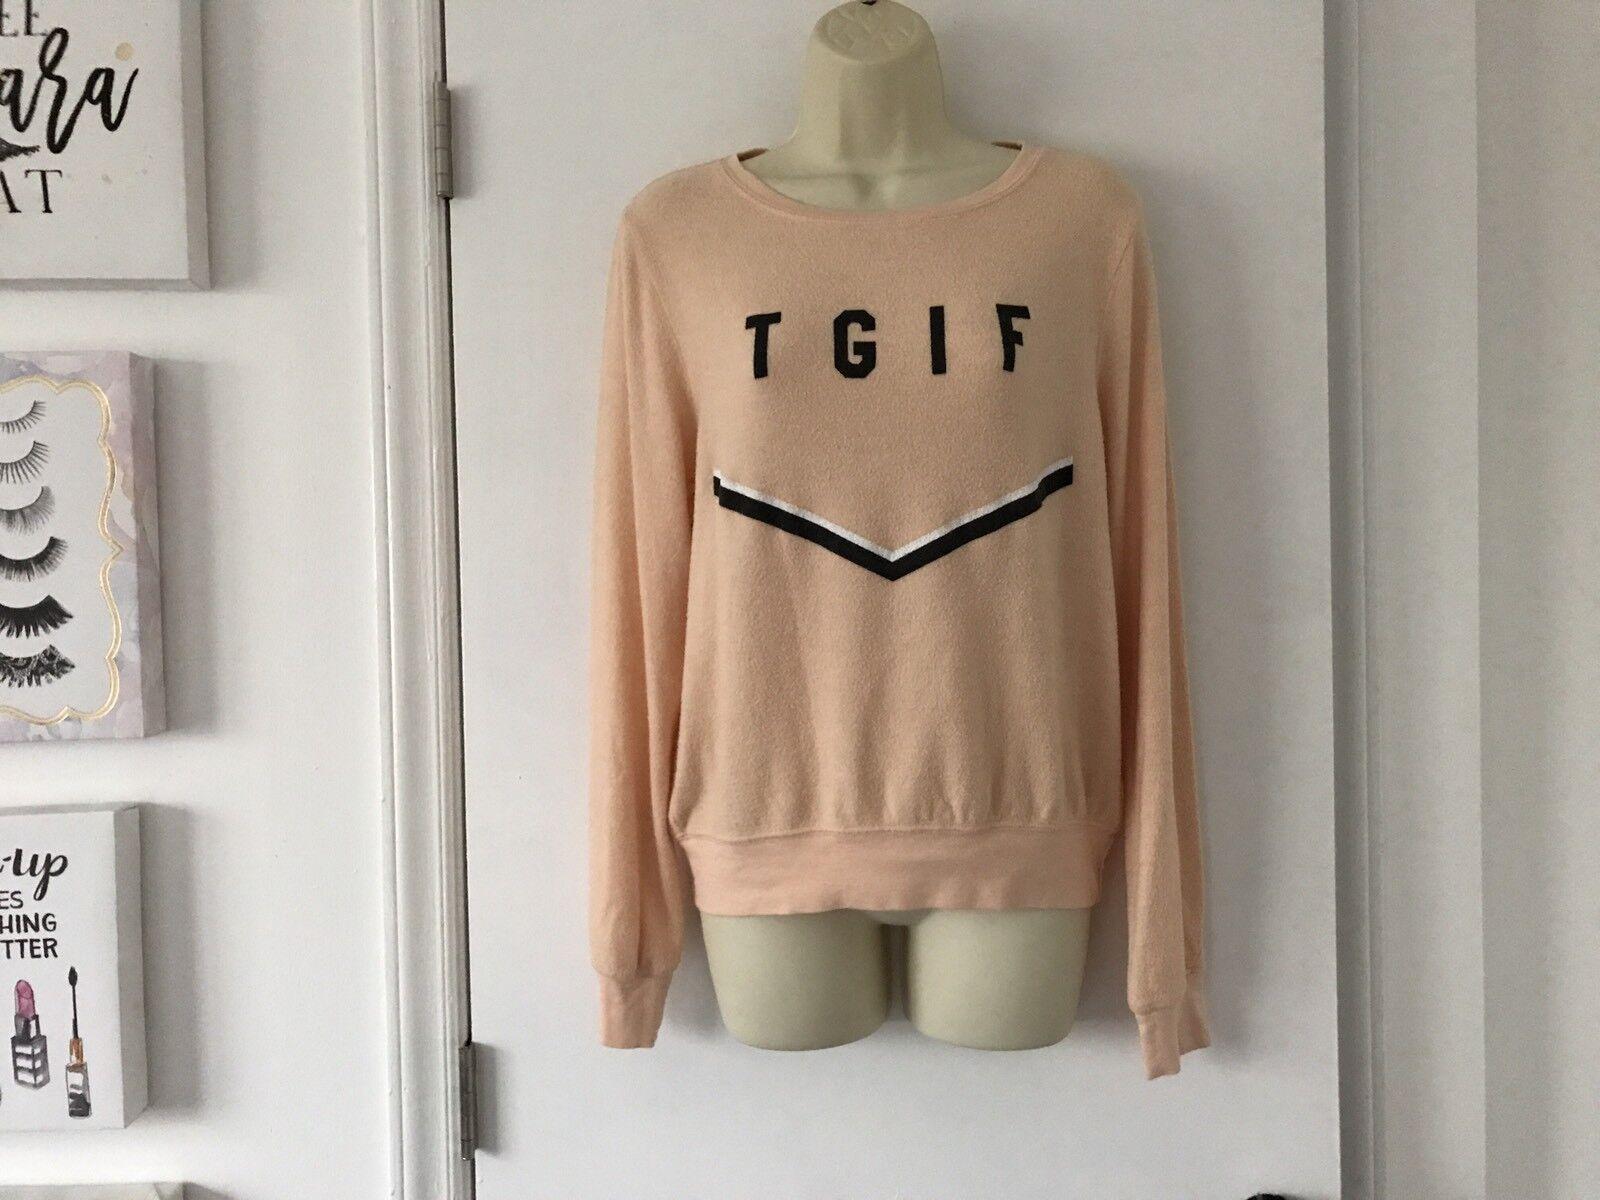 NWT Wildfox Peach TGIF tröja Sweatshirt X -små XS BBJ väskagy strand Jumper